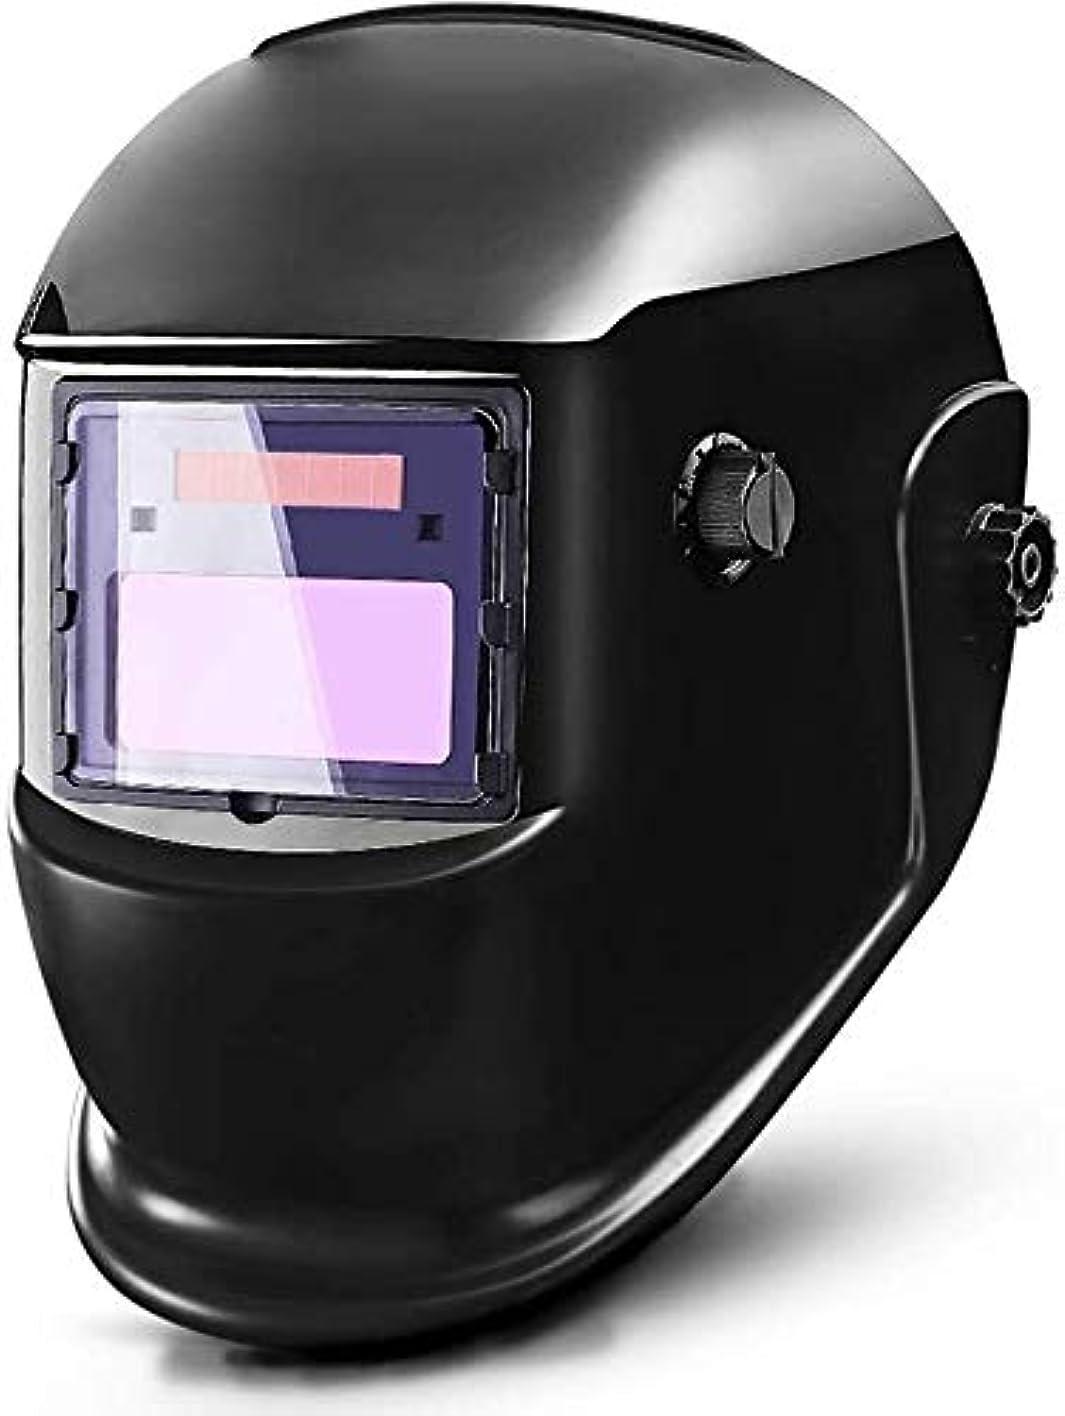 免除するクラフト別の溶接ヘルメットプロフェッショナルフード溶接ヘルメット自動暗くなる溶接マスク溶接機フードヘルメット用ミグTIGアーク溶接機ヘルメットゴーグルライトフィルター溶接機の保護(カラー:6、サイズ:無料) (色 : 7, Size : Free)